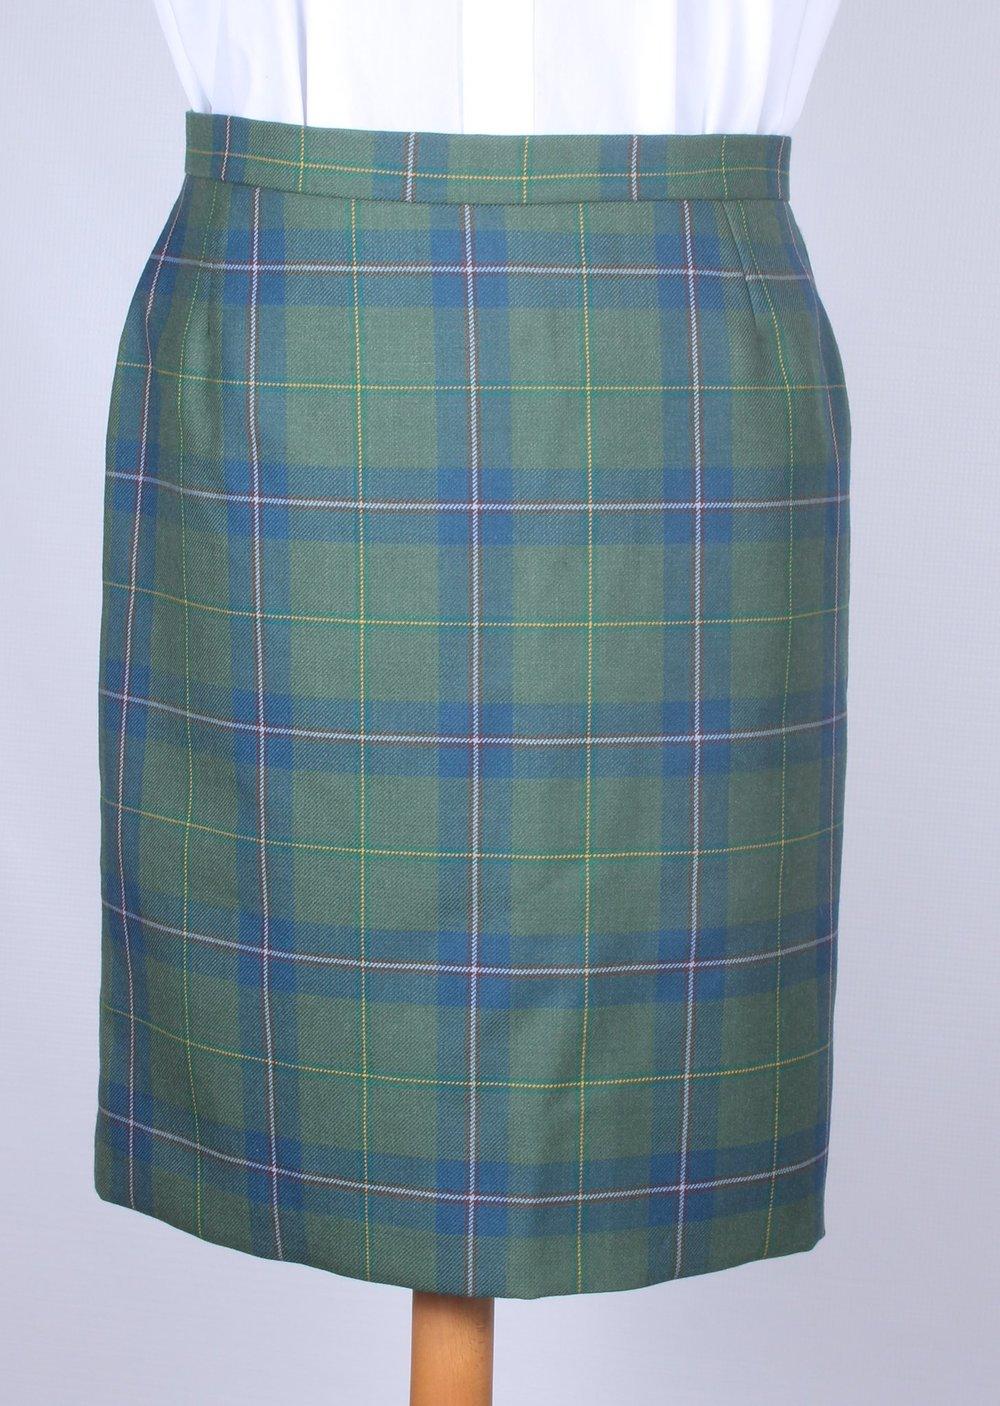 Sherlock skirt.jpg